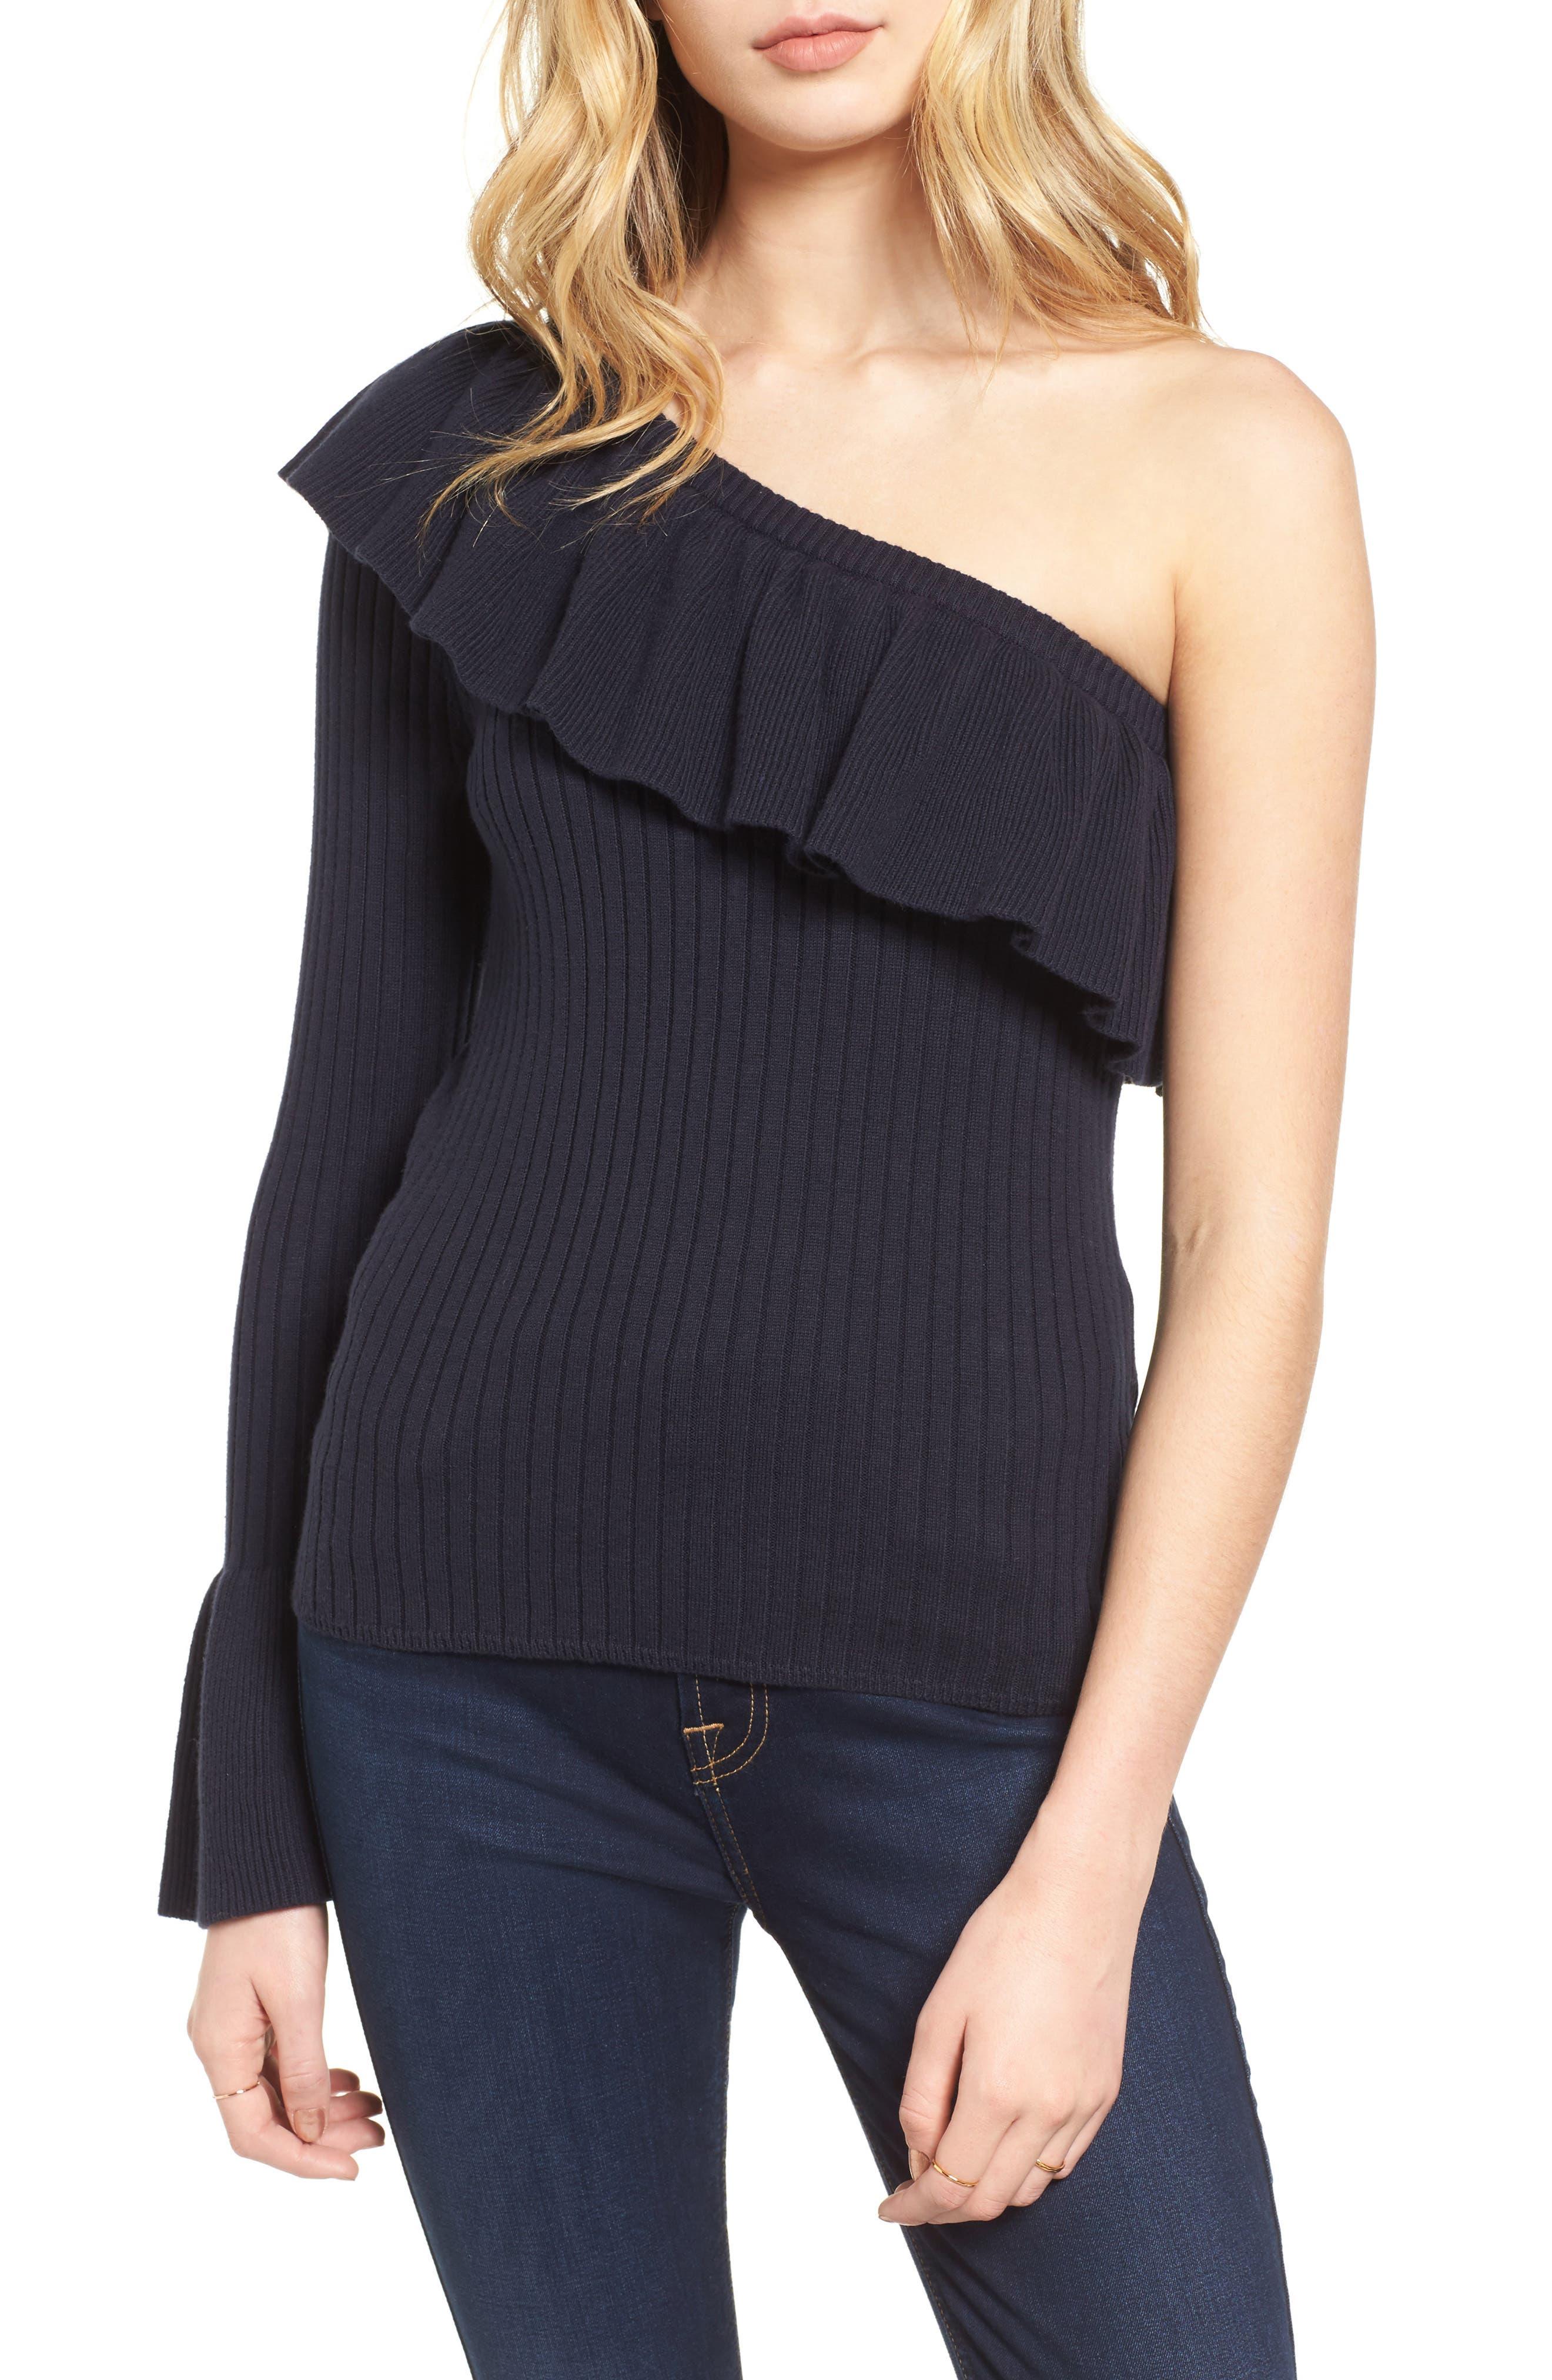 Rebecca Minkoff Ava One Shoulder Cotton & Cashmere Sweater